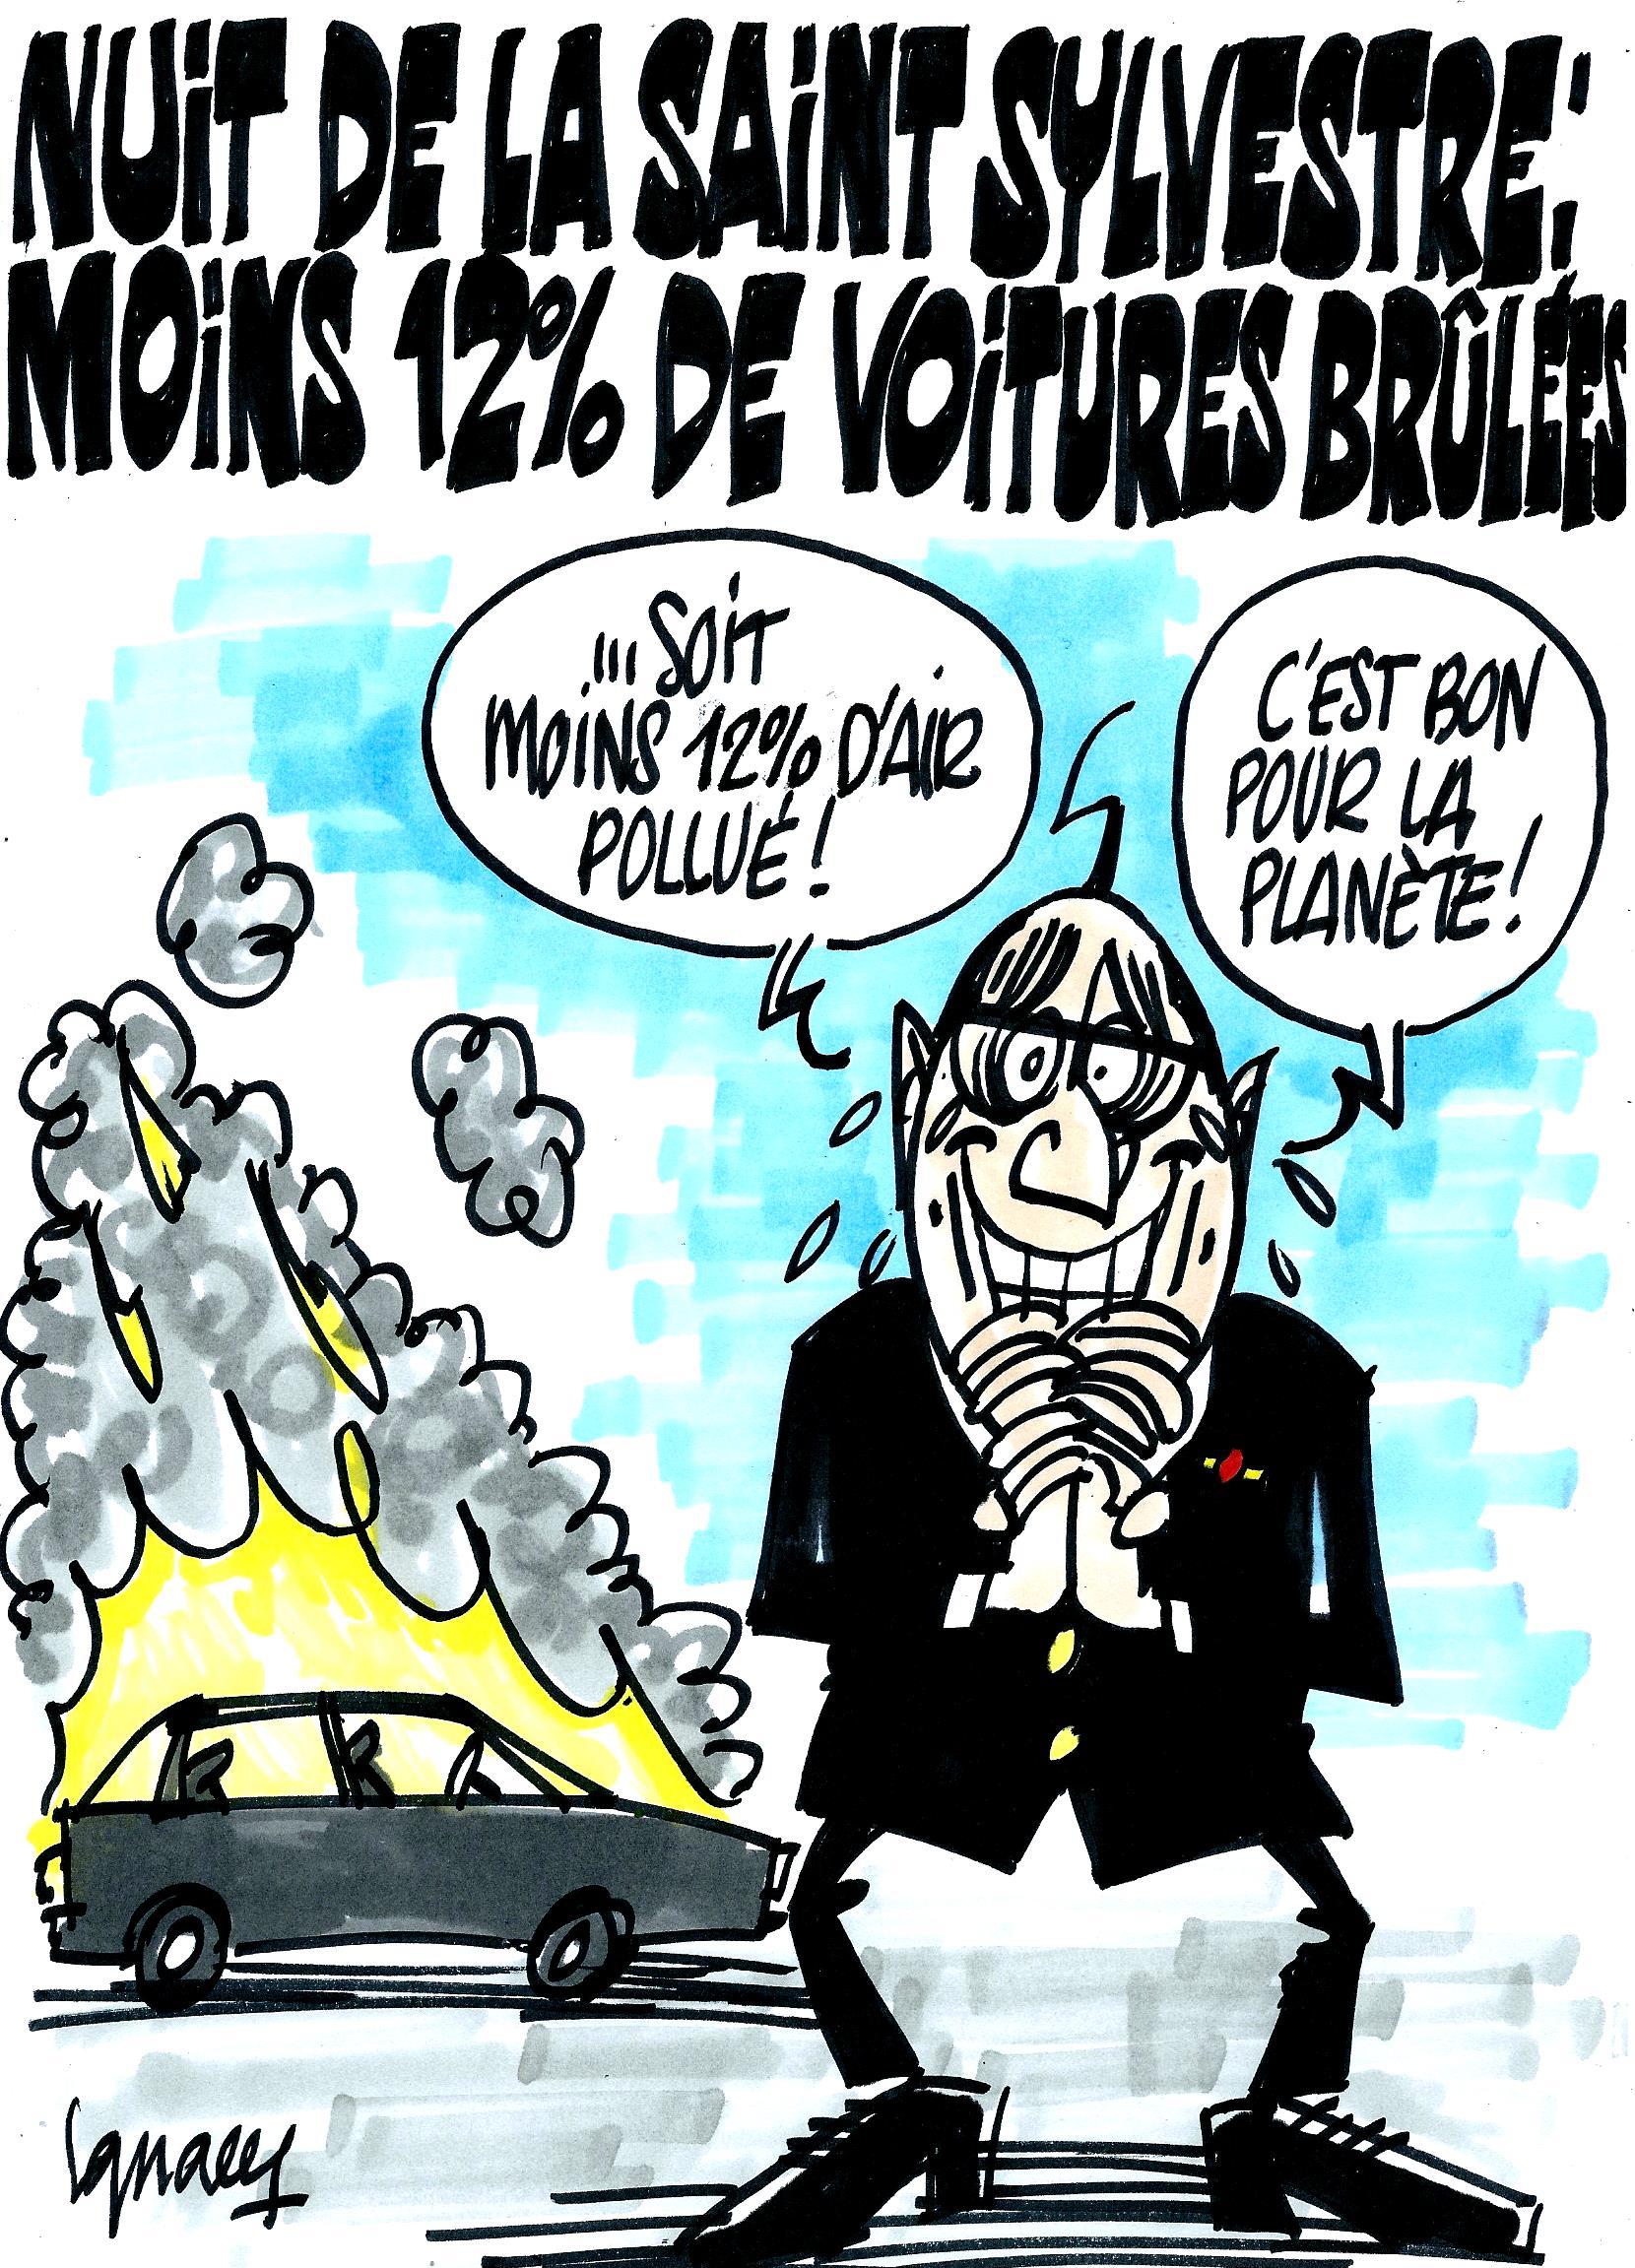 saint sylvestre voitures brulees